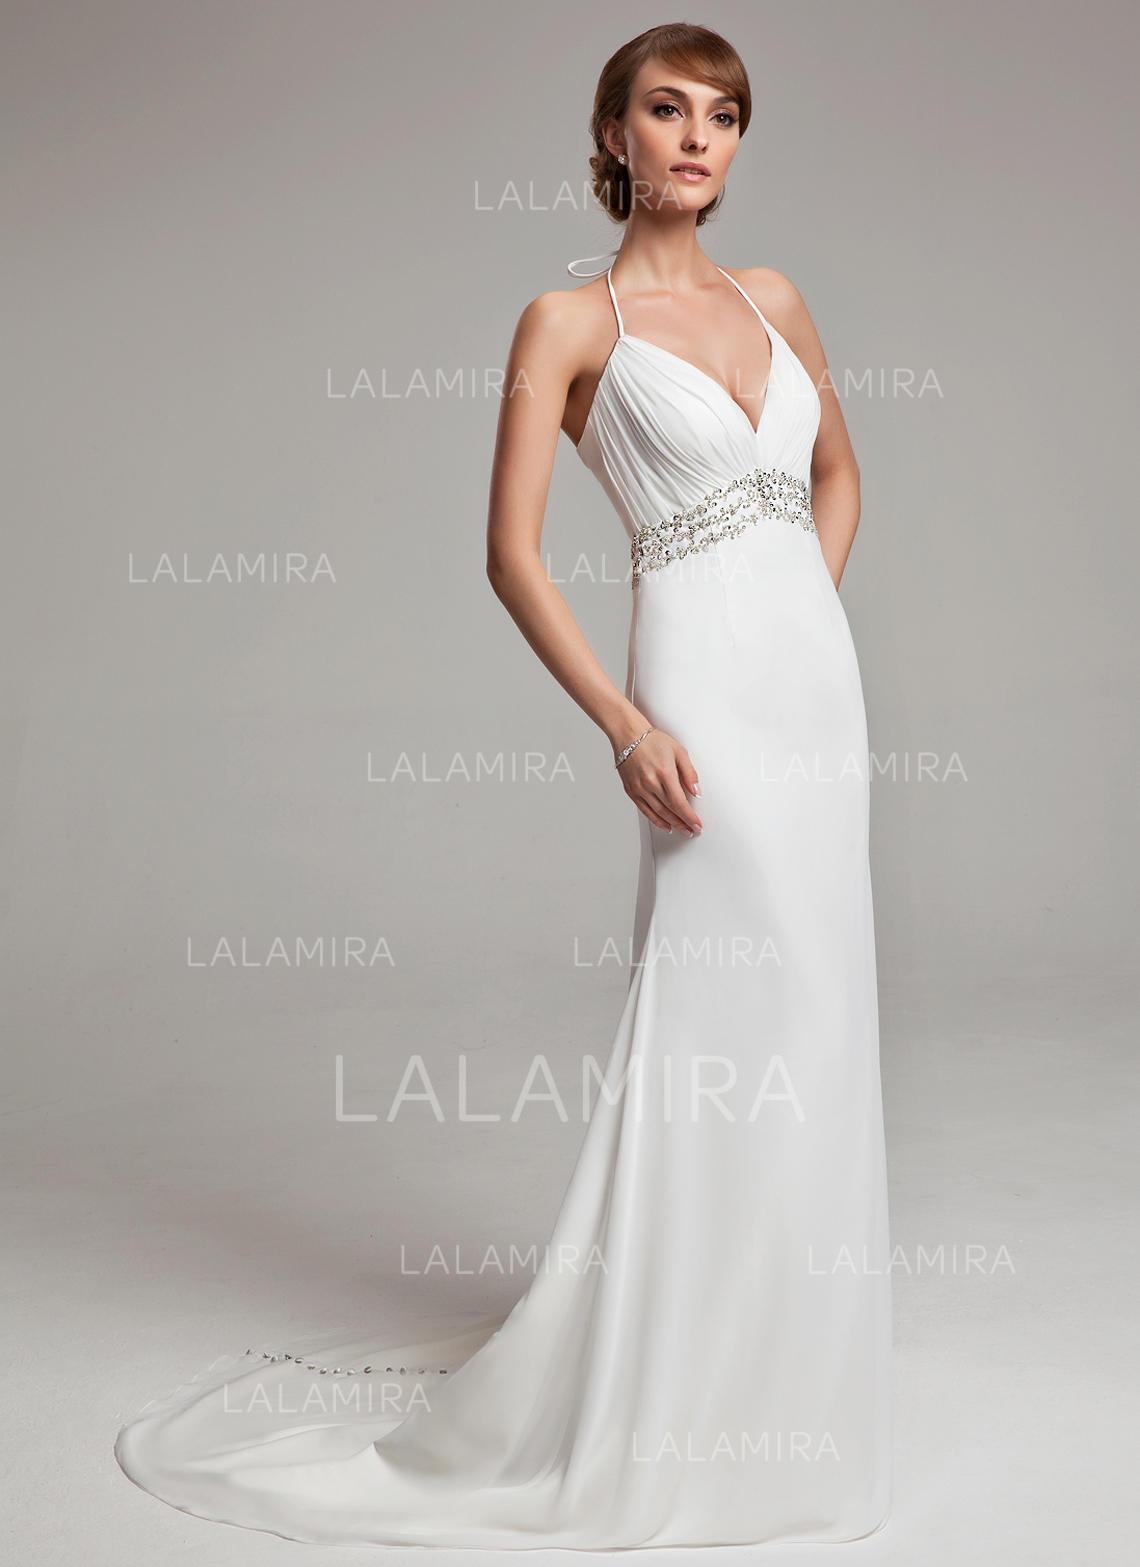 49ffc566b584 Chiffon Wedding Dress With Spaghetti Straps - raveitsafe